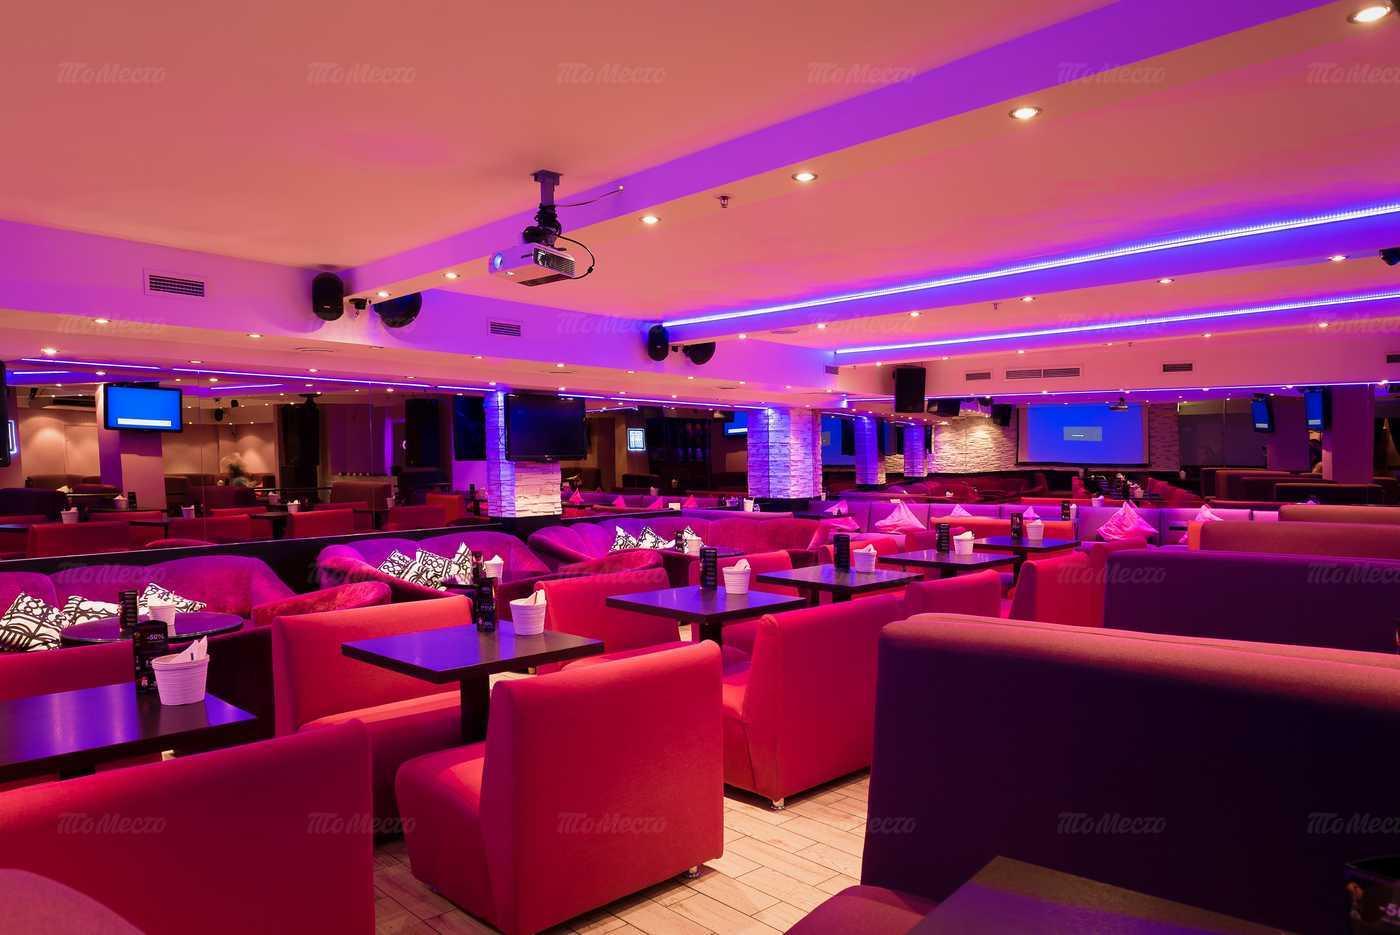 Караоке клуб Хаус на проспекте Энгельса фото 3